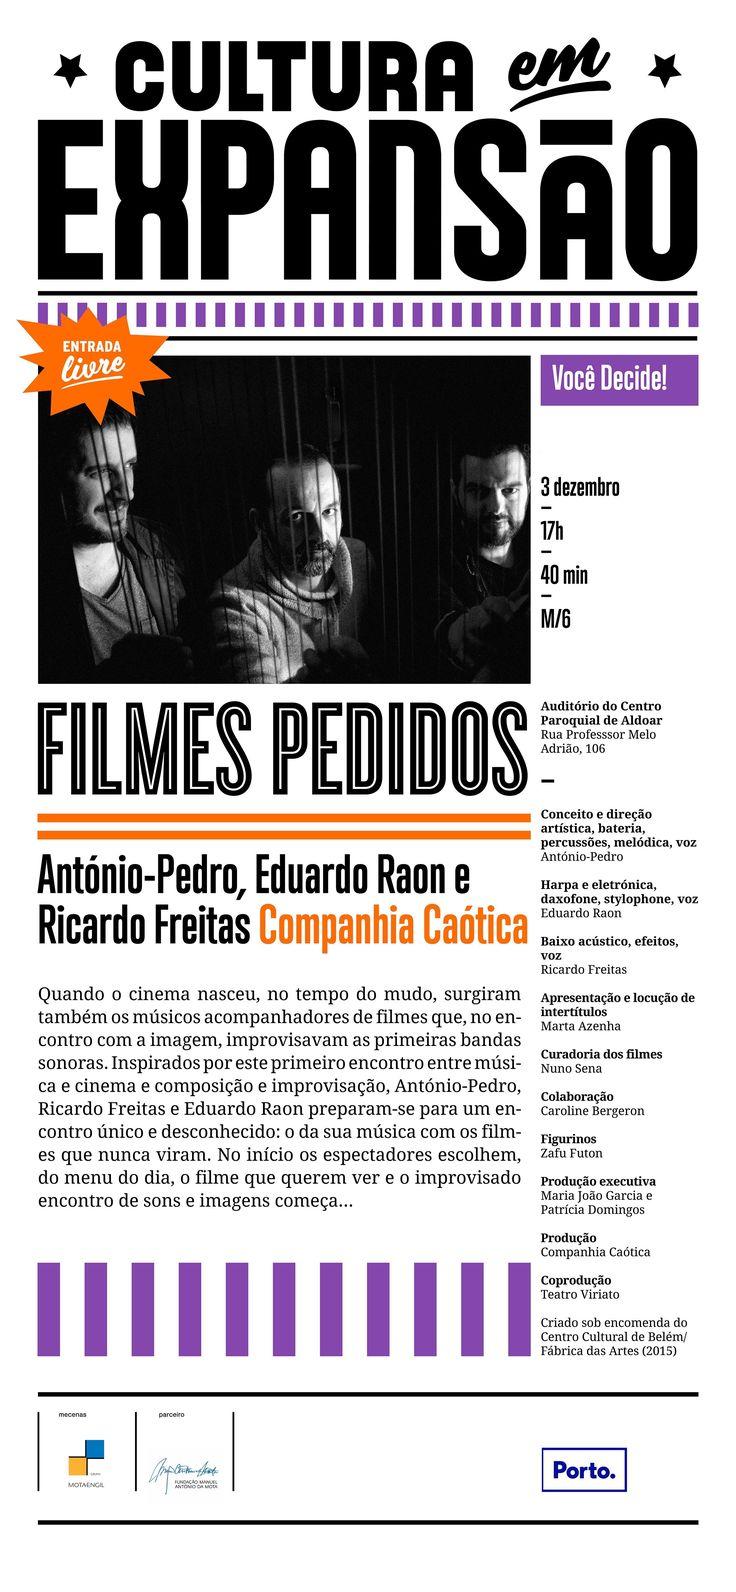 03 dezembro 17h00 | Filmes pedidos | Cultura em Expansão | Auditório do Centro Paroquial de Aldoar